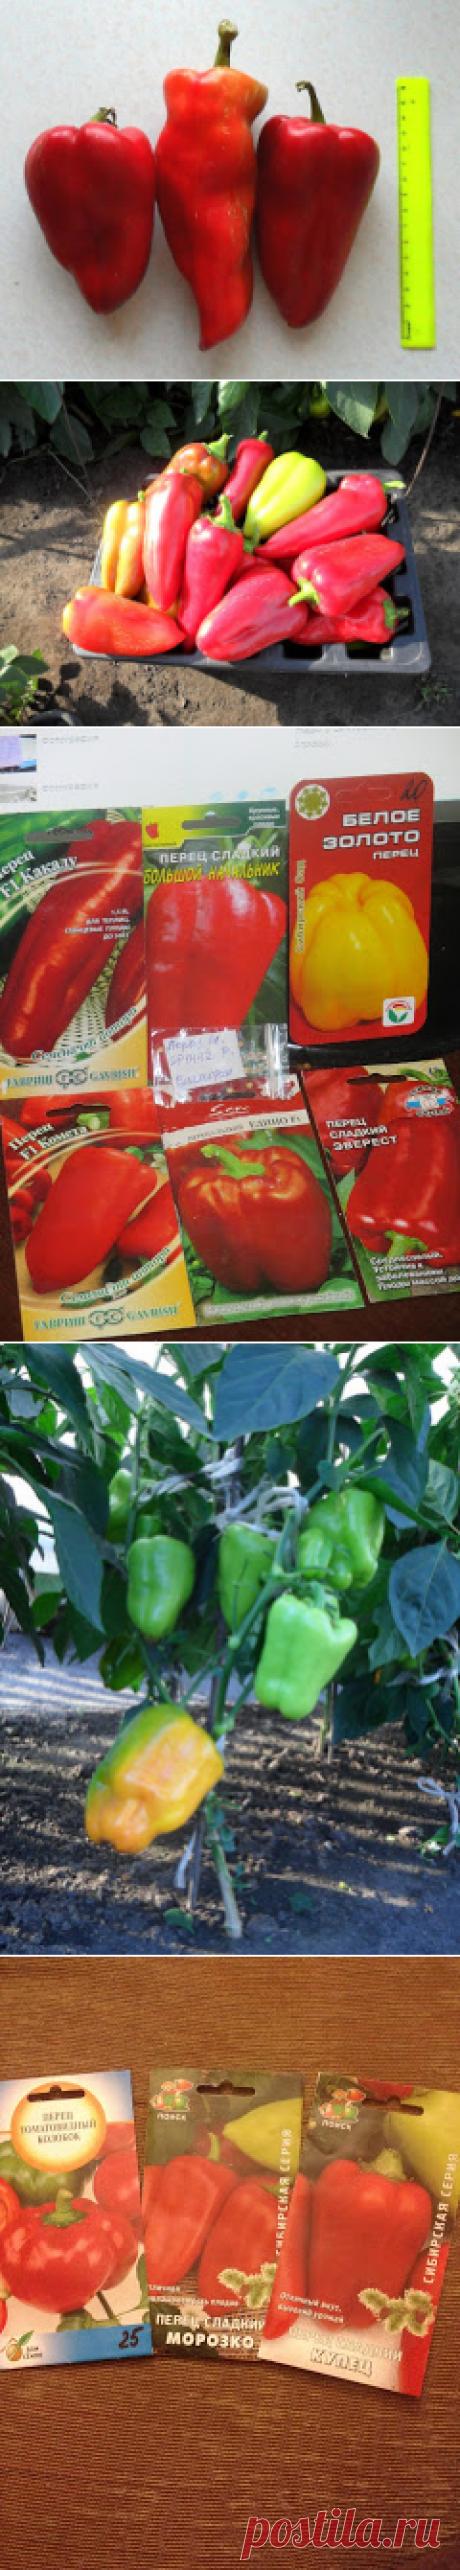 Вкусный Огород: Сорта перцев - отзывы